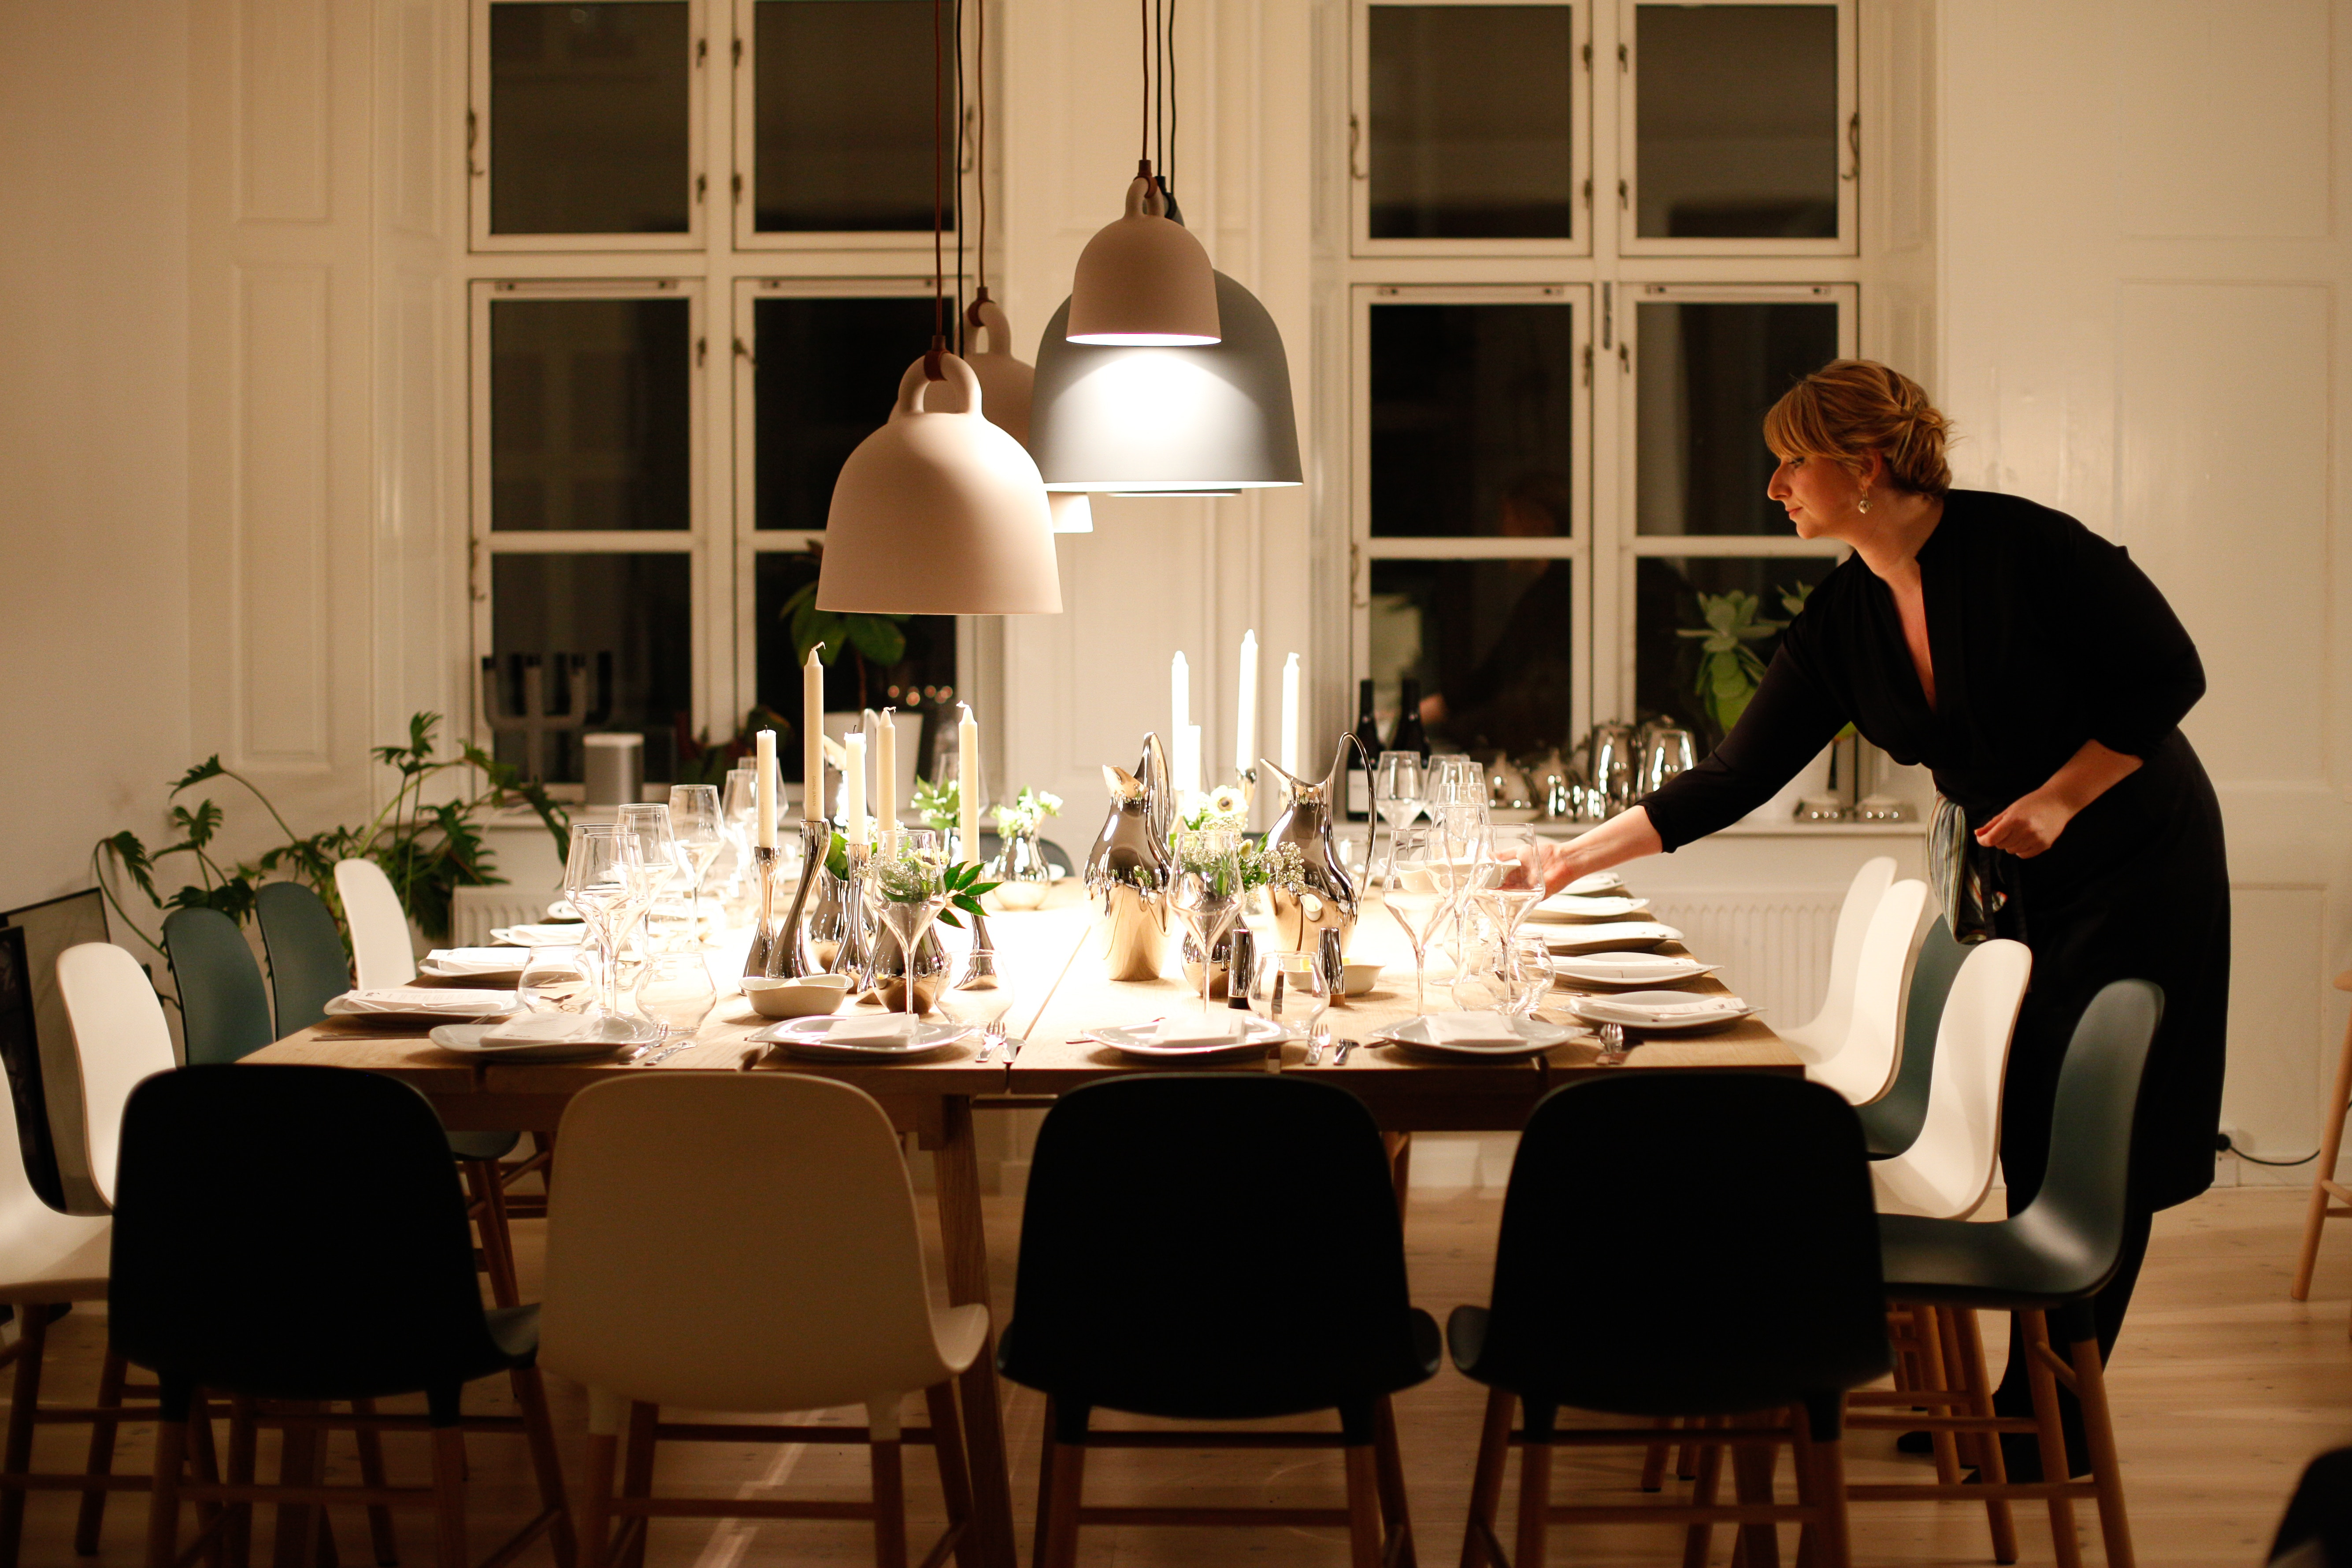 食事に招待されたら遅れるのがマナーなイギリス文化